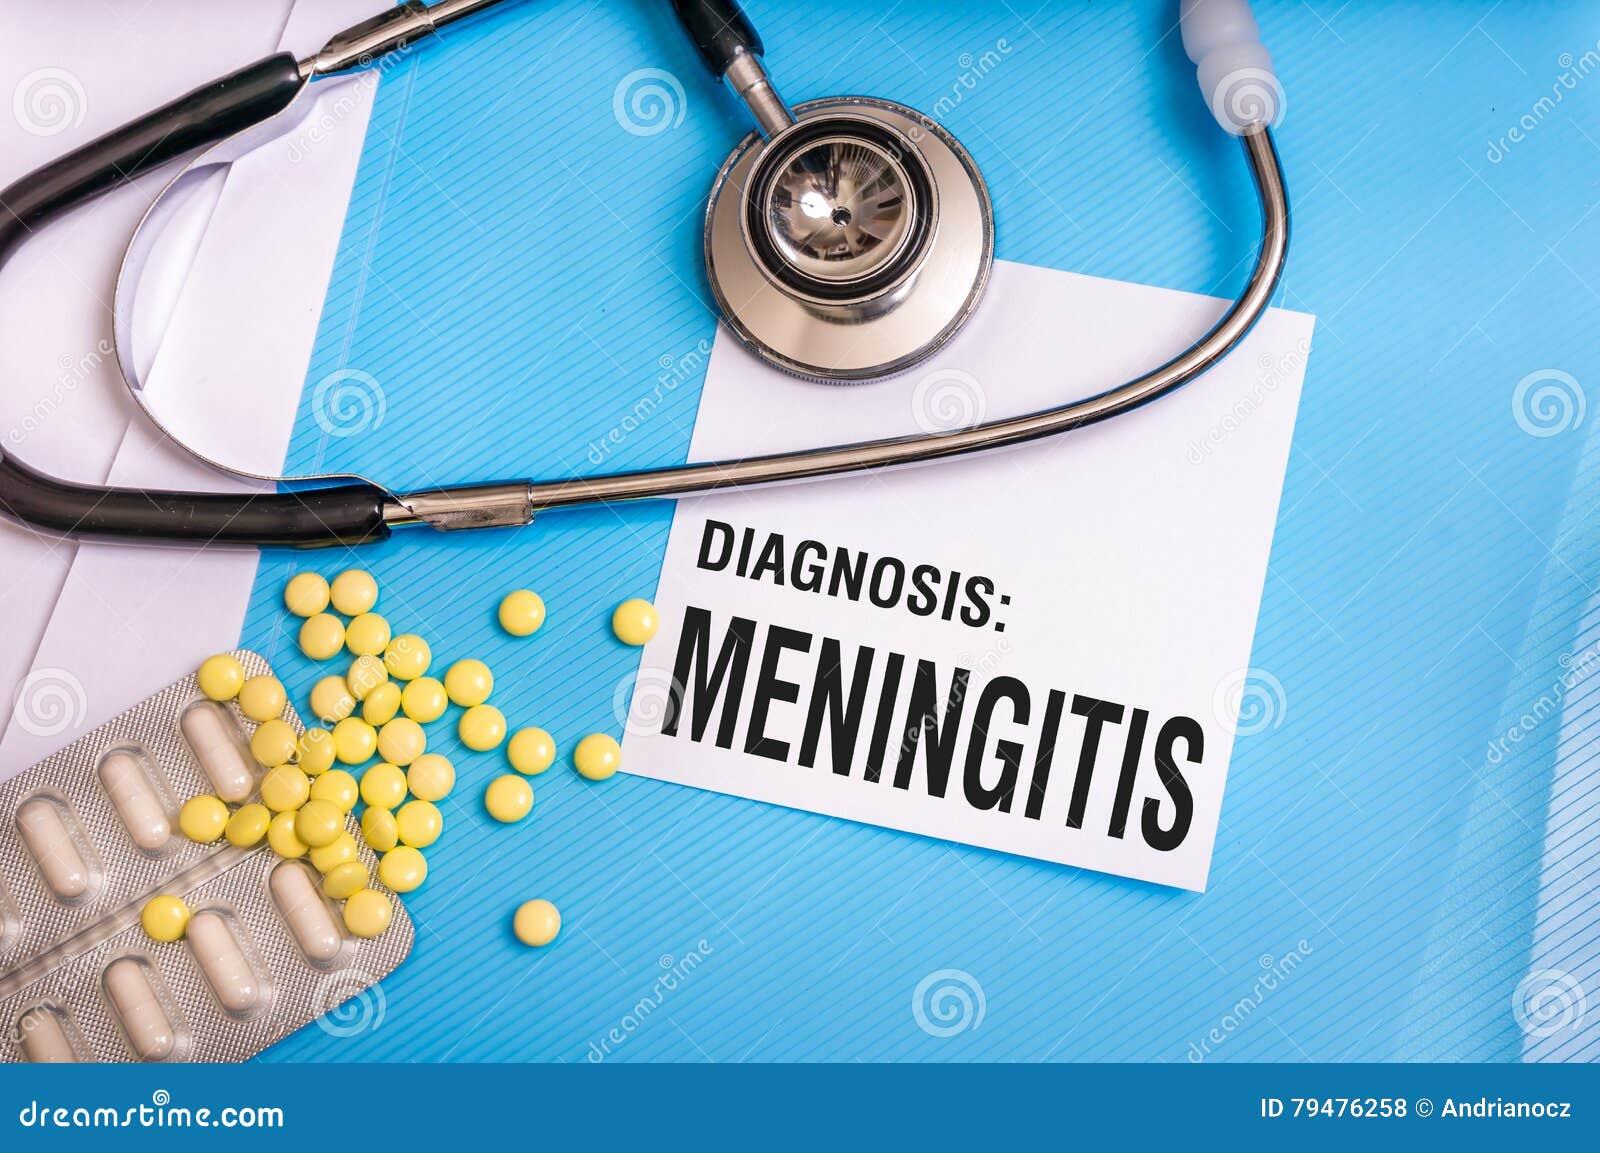 Meningitis word written on medical blue folder